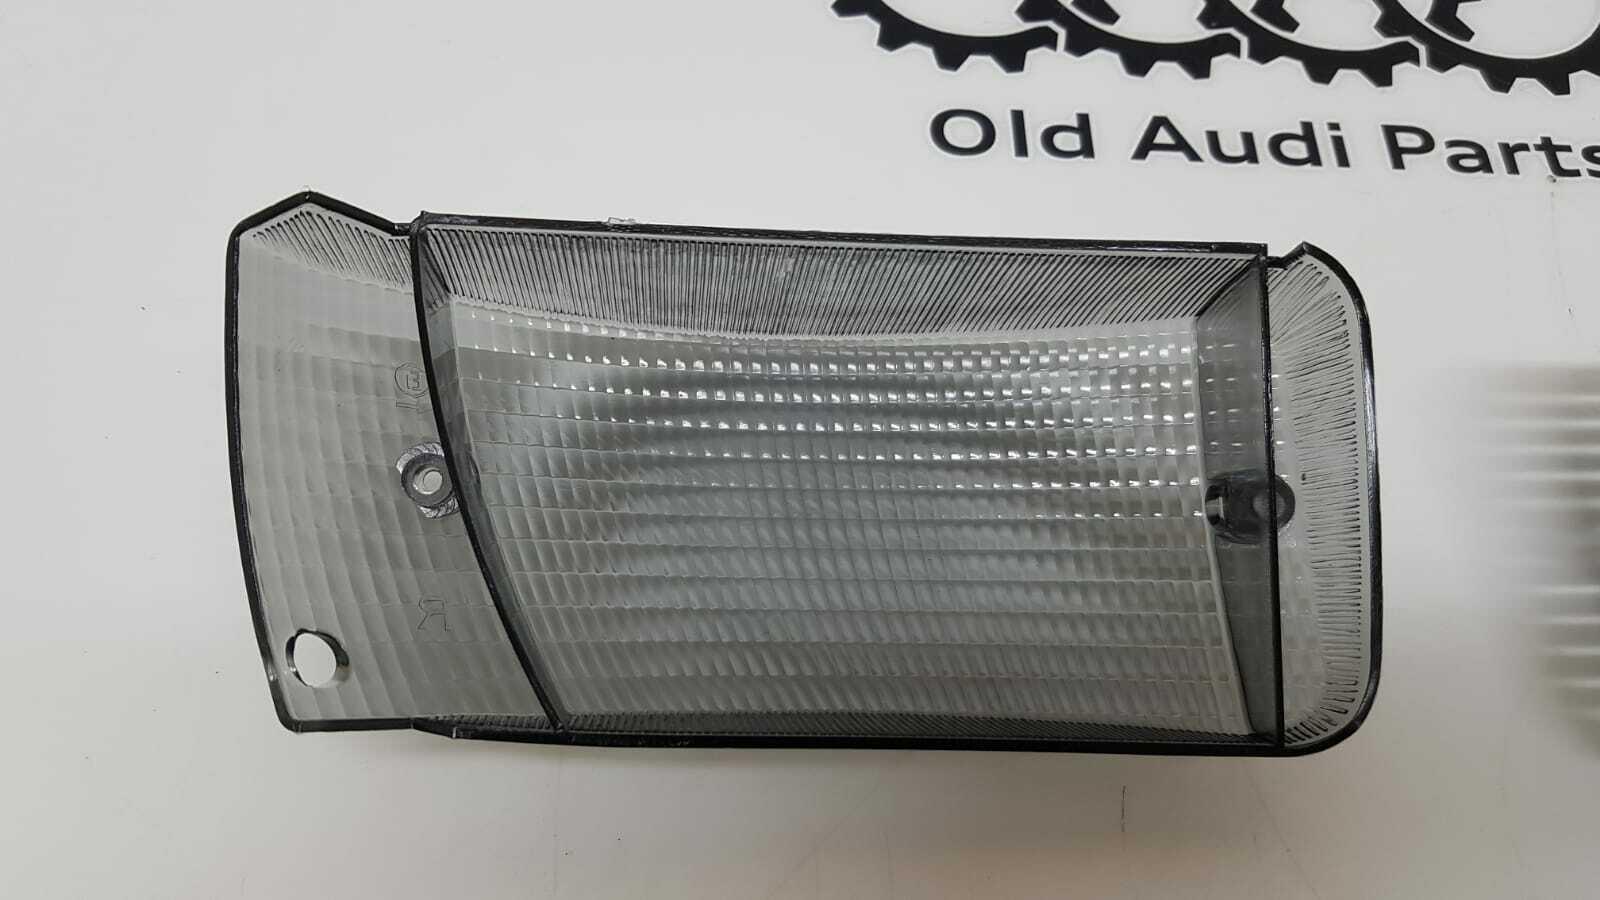 443953055 Nuovo Audi 200 20v tipo 44 ORIG FRECCE ANTERIORE SINISTRO